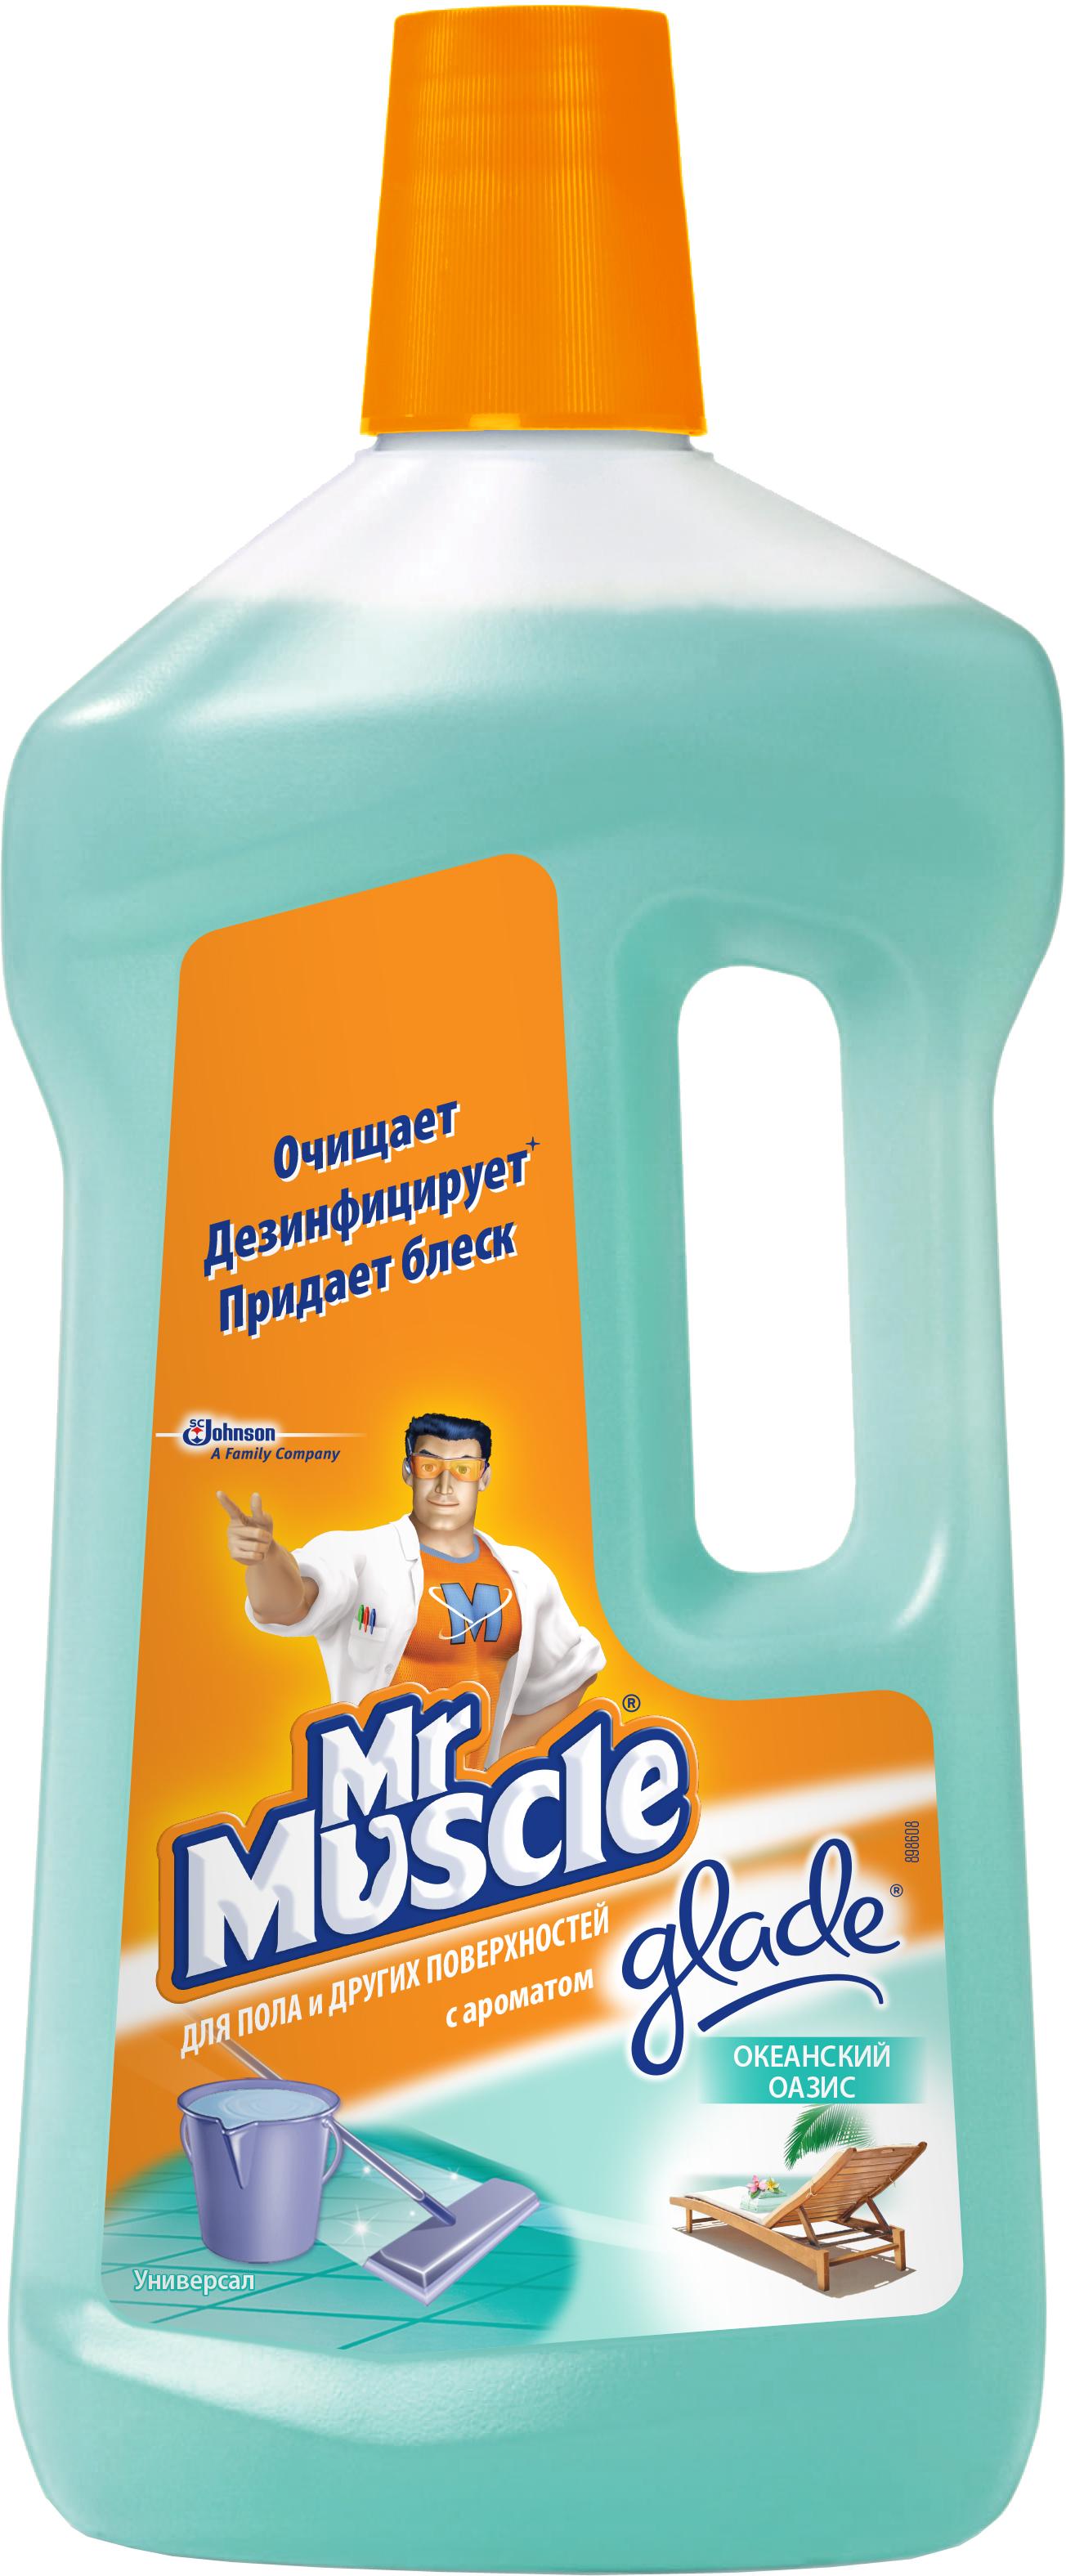 Чистящее и моющее средство Мистер Мускул Океанский оазис, универсальное, 750 мл мистер мускул для ванной